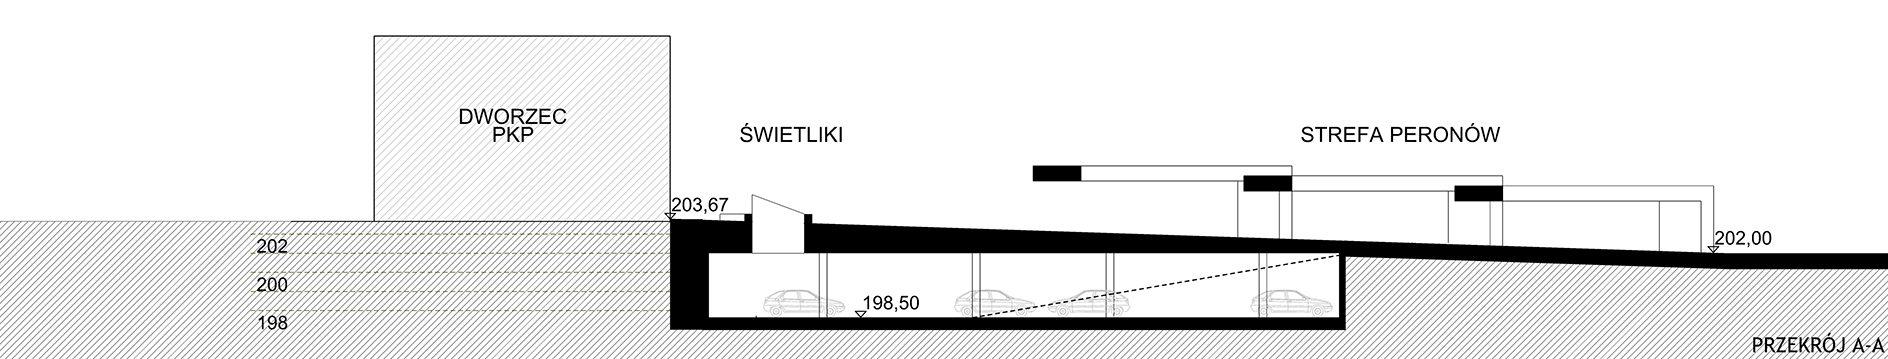 Rzeszów-Plac-dworcowy-koncepcja-przekroj